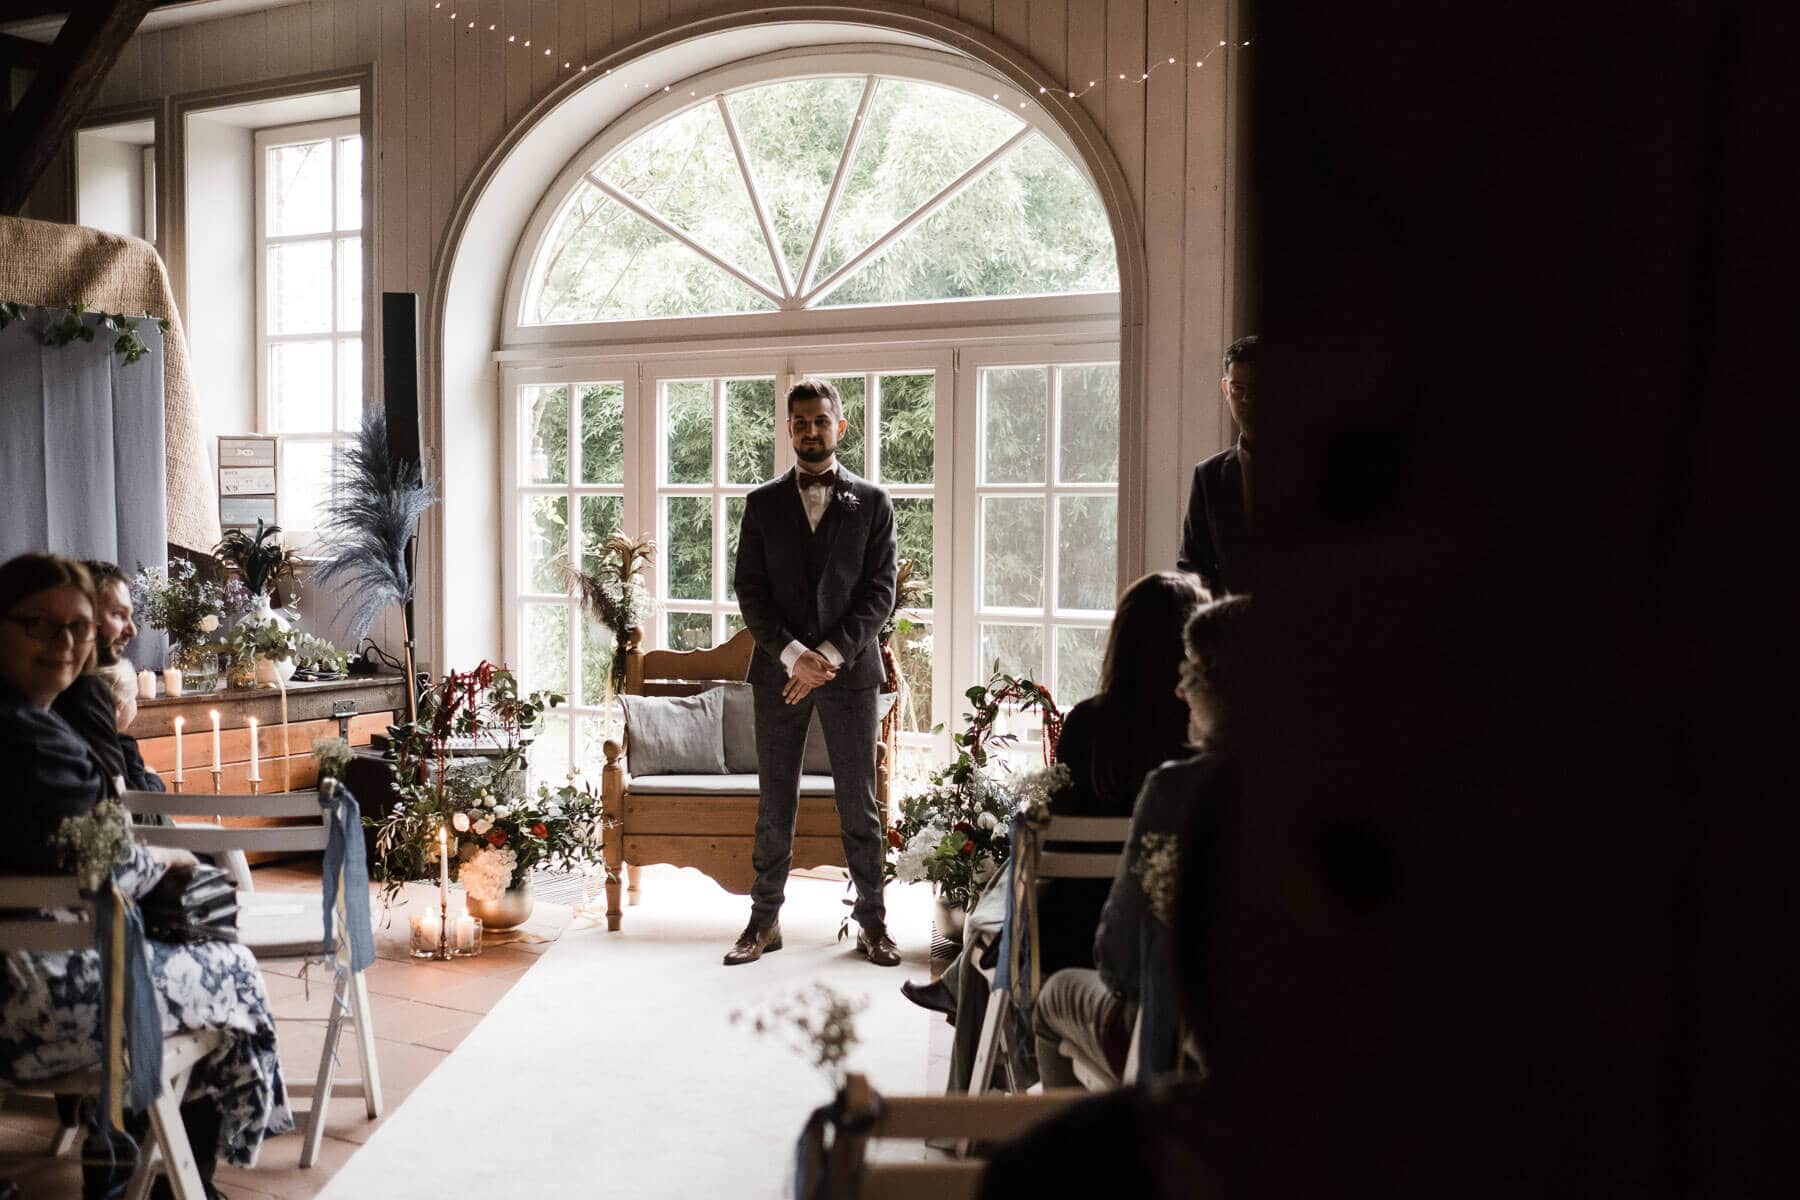 in dem Trauzimmer steht der Bräutigam in einem schwarzen Anzug, er steht vor einer großen, hellen, Flügeltür, die nach drußen ührt, das Zimmer ist mit Blumen und Grünschnitt geschmückt, der Bräutigam hält seine Arme vor seinen Körper, sein Blick ist in Richtung der Kamera gerichtet,